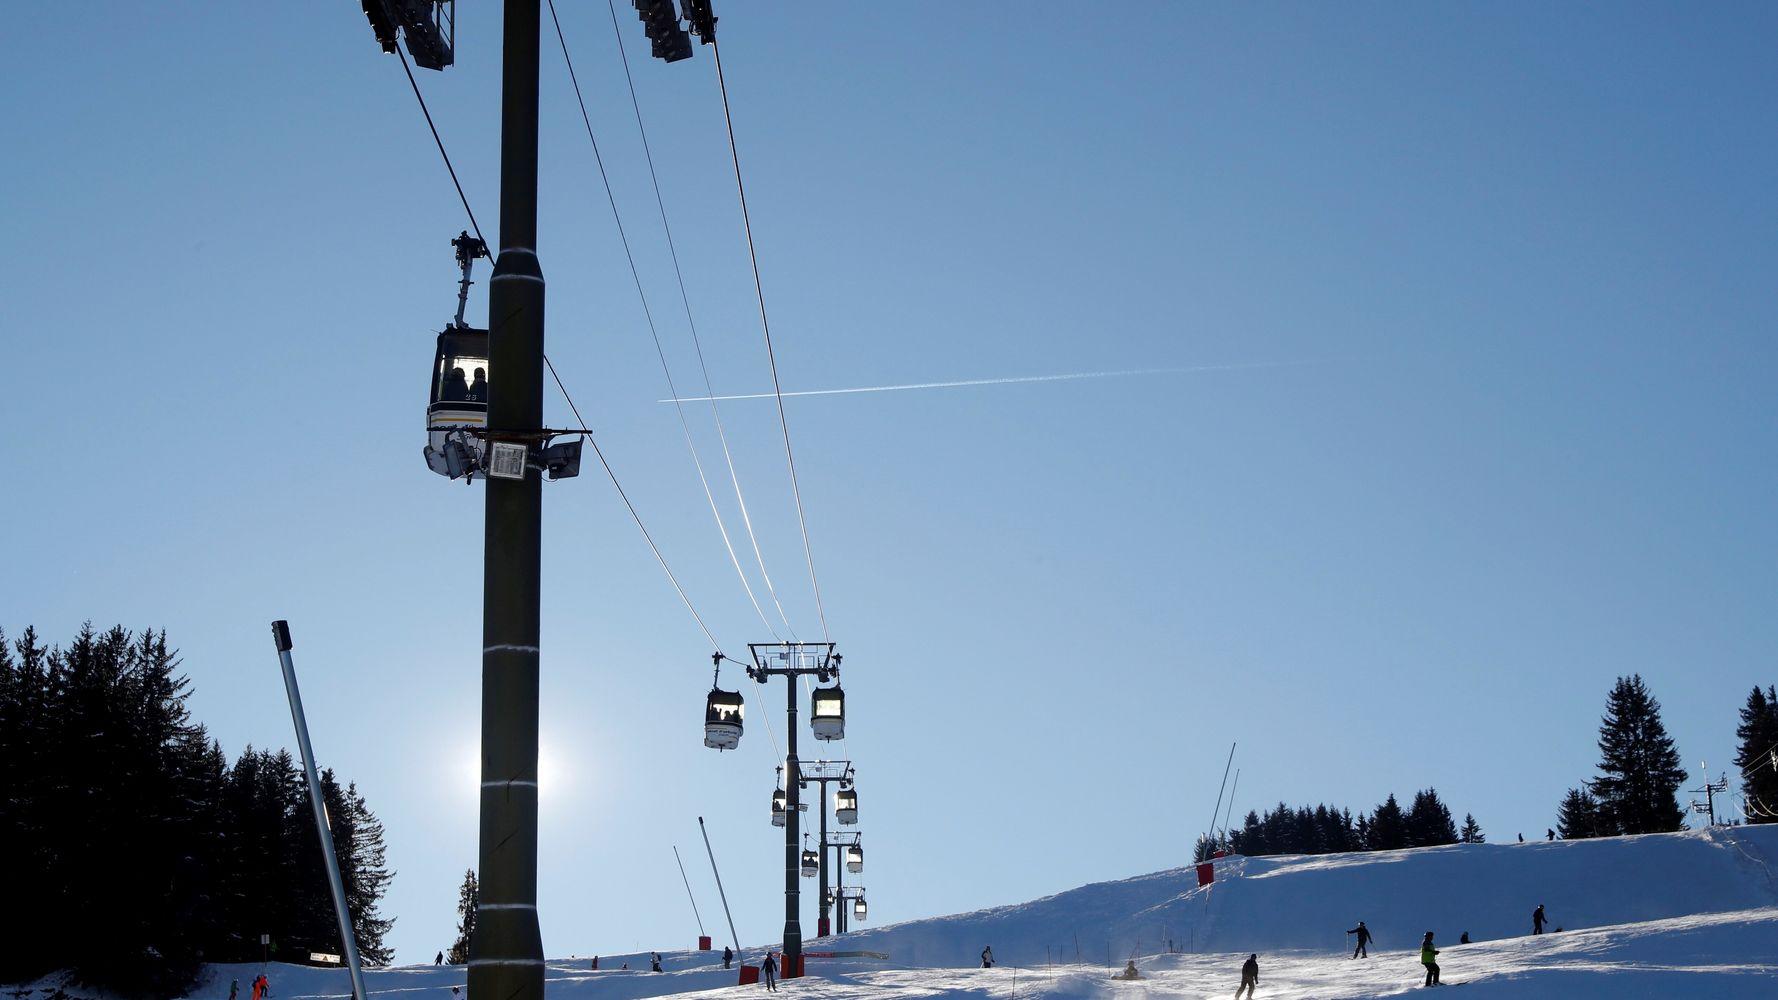 Estrosi veut réserver les stations de ski d'Isola 2000 et Auron aux habitants des Alpes-Maritimes